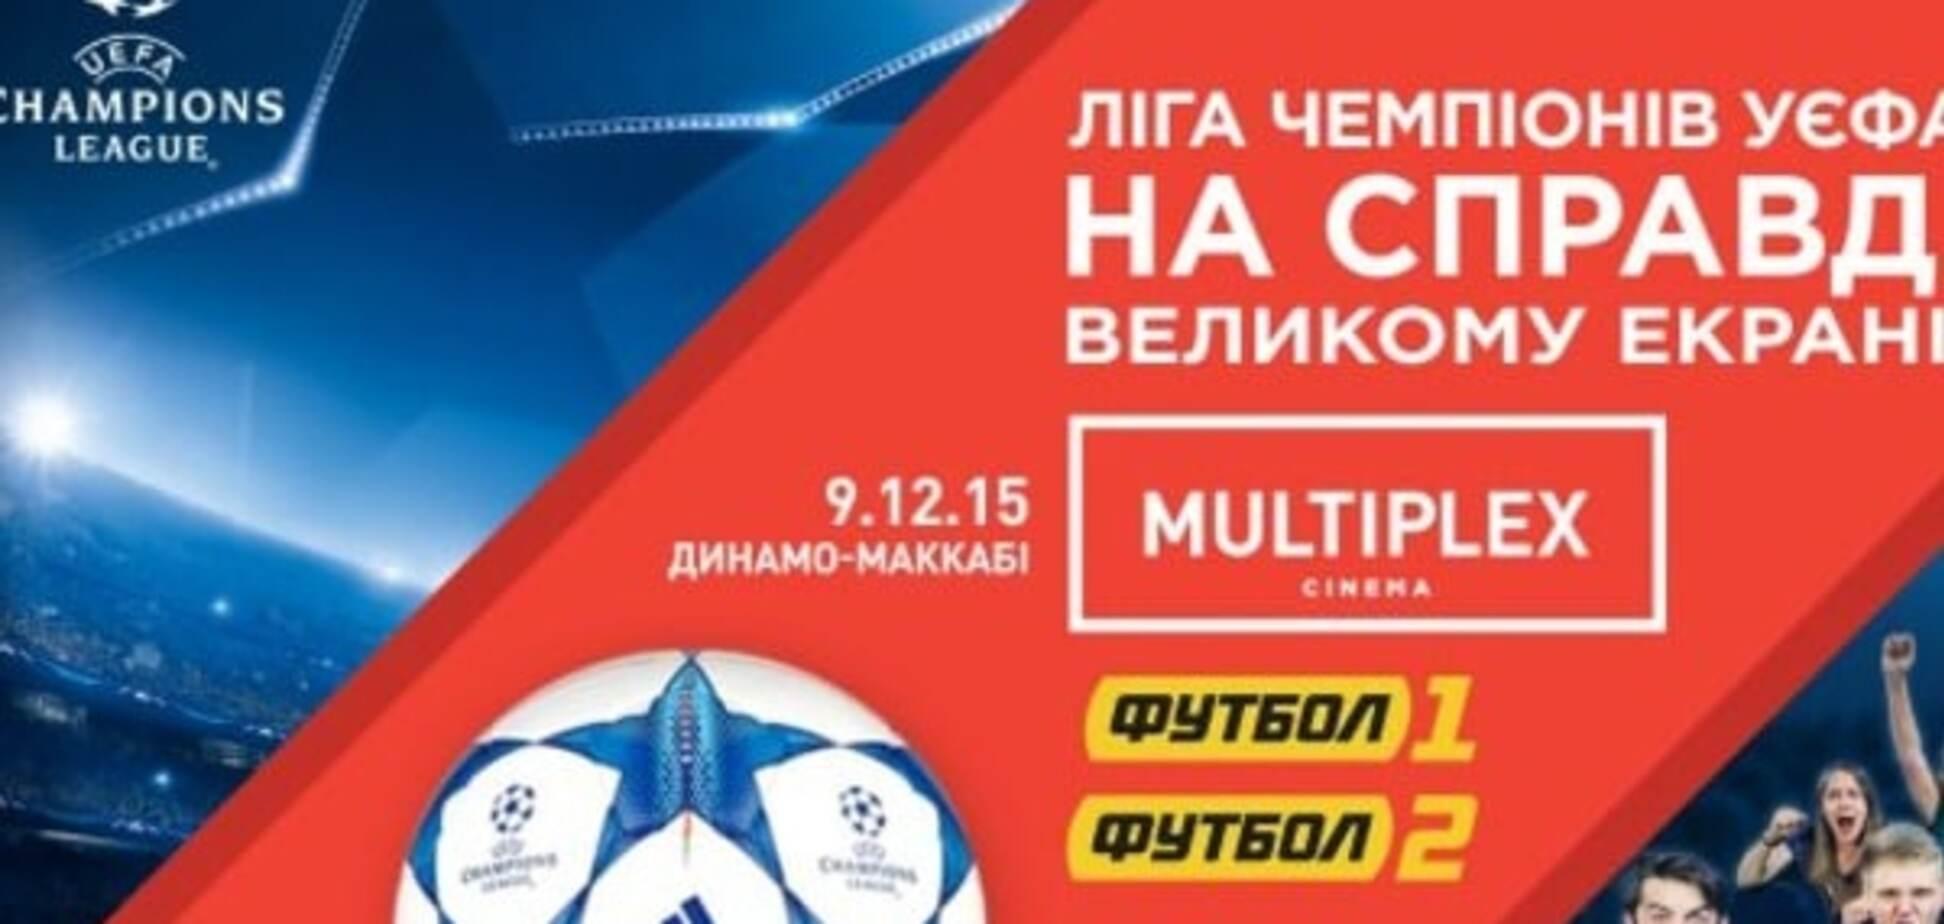 Украинские болельщики 'Динамо' смогут 'обойти' дисквалификацию УЕФА